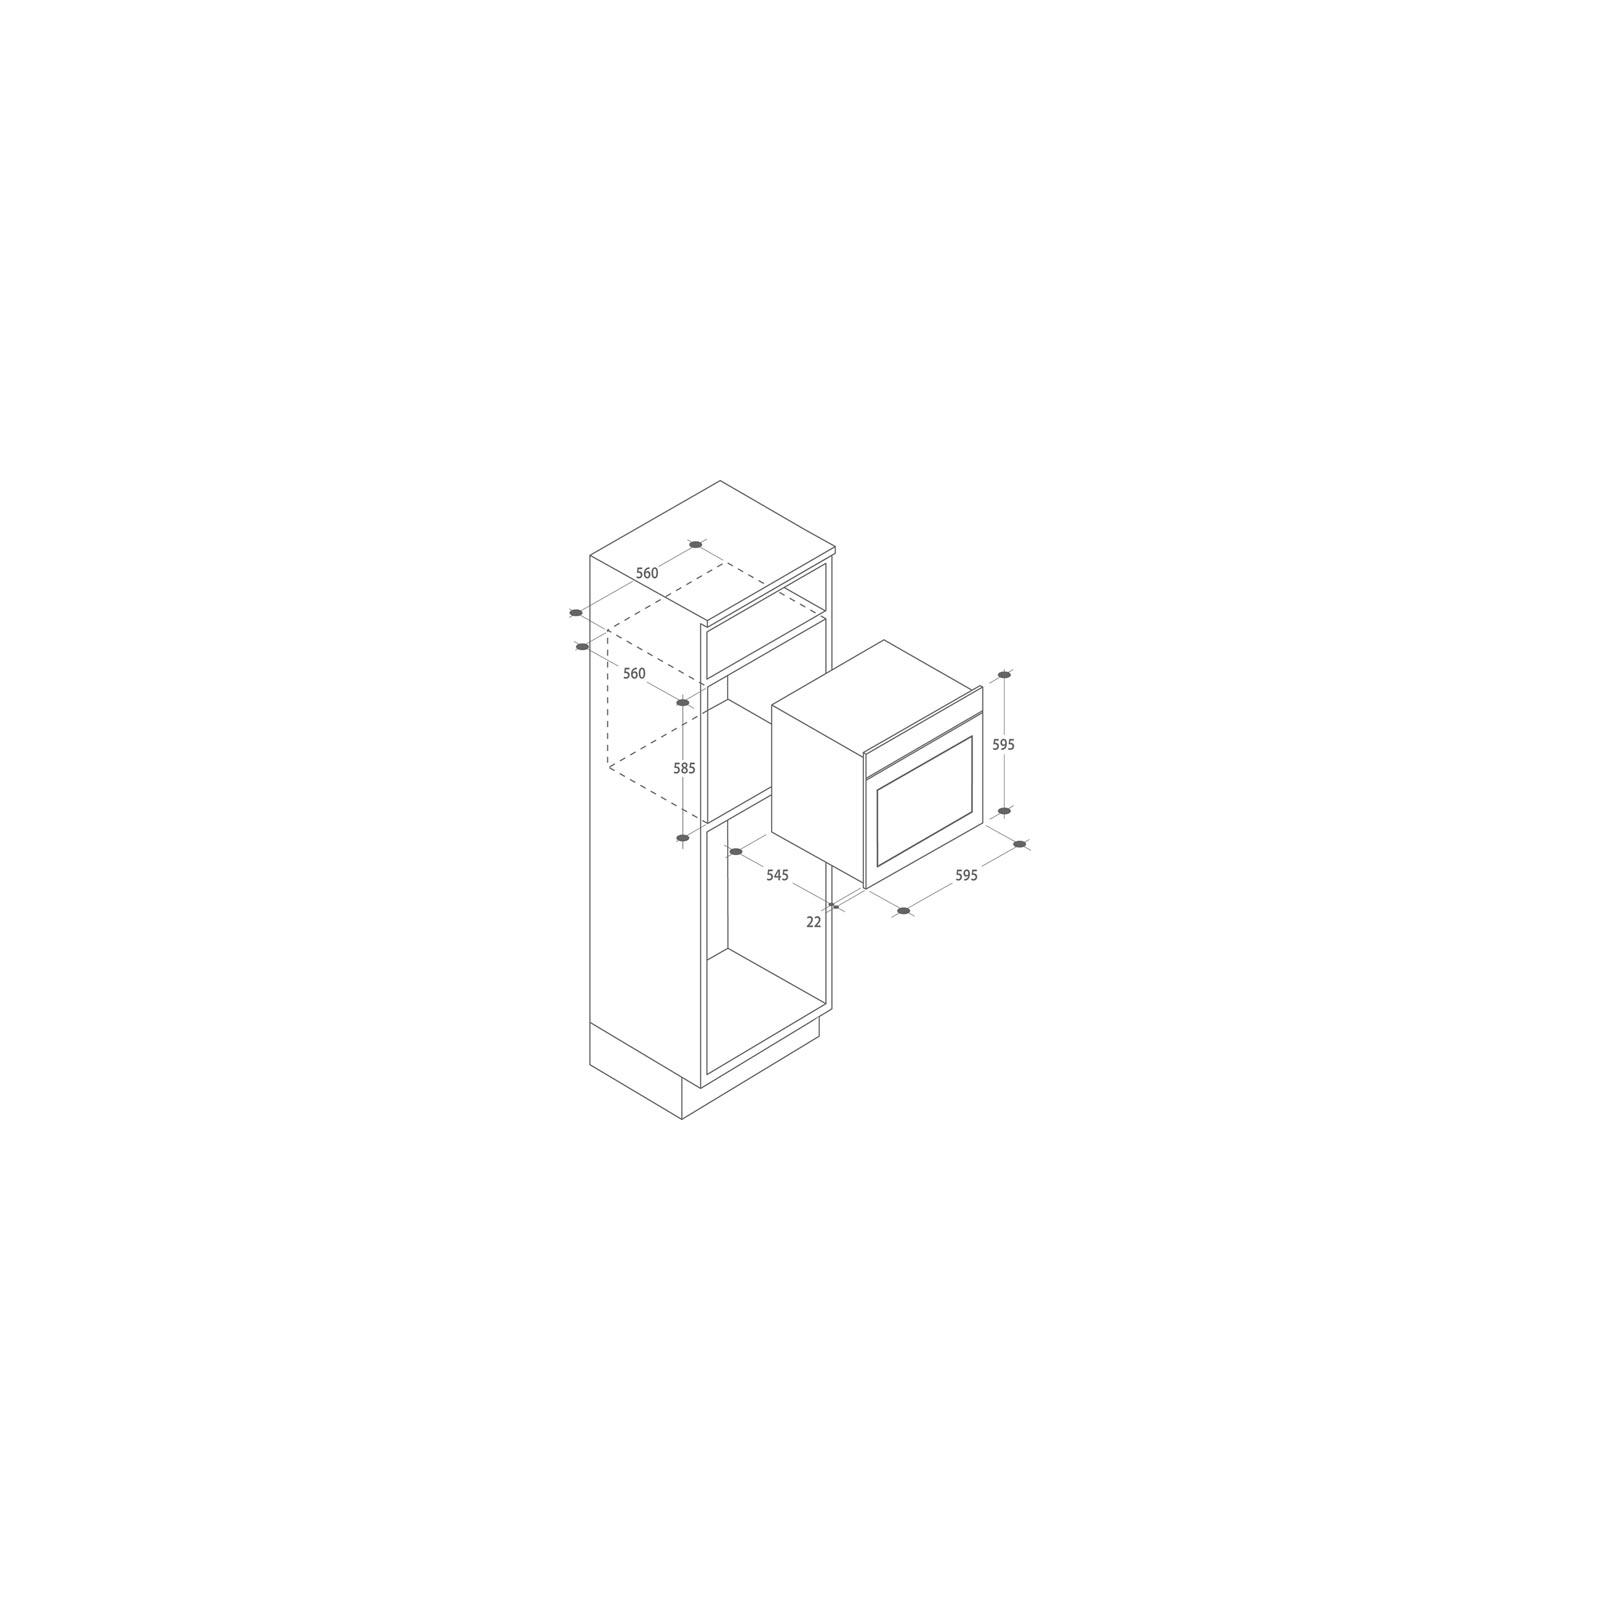 Духовой шкаф Candy FPE 609A/6XL (FPE609A/6XL) изображение 2